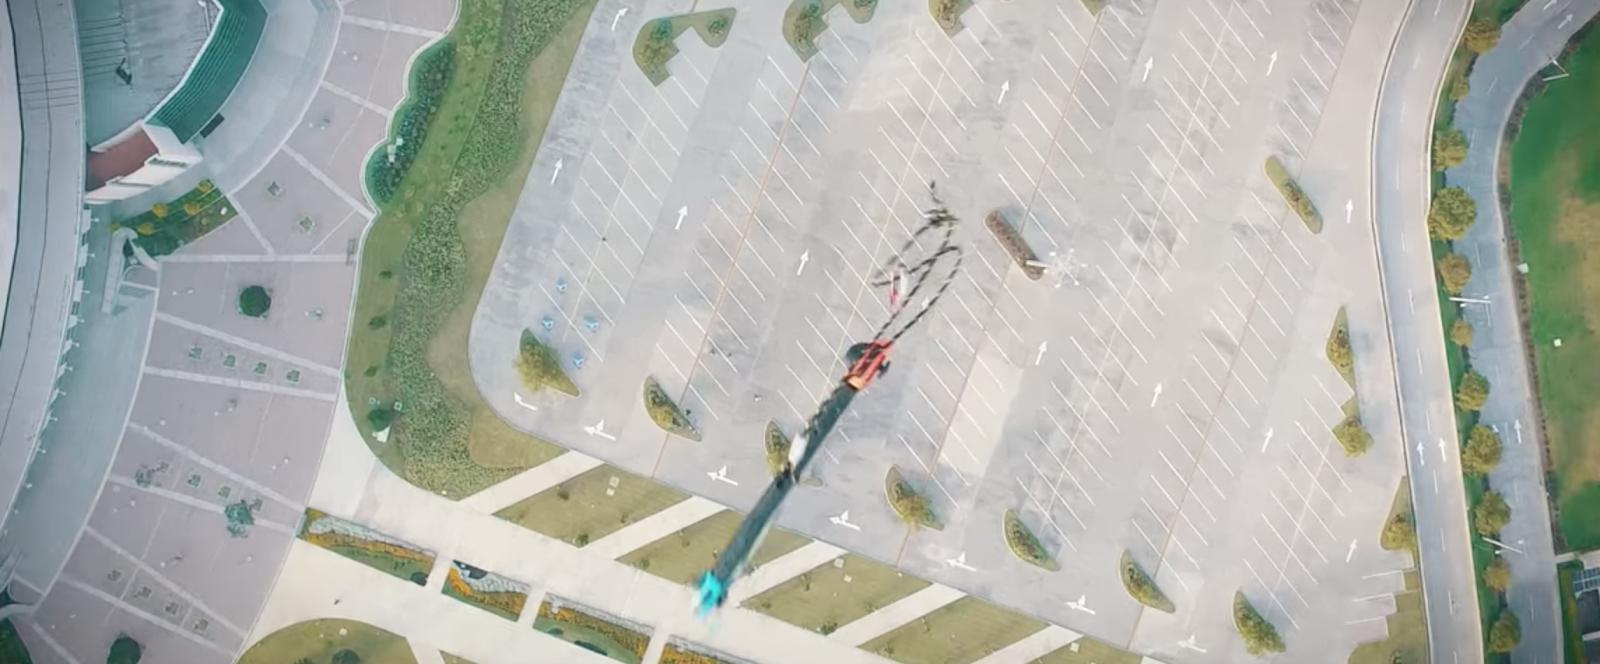 Lanzan Nintendo Switch desde 300 metros de altura para ver resistencia